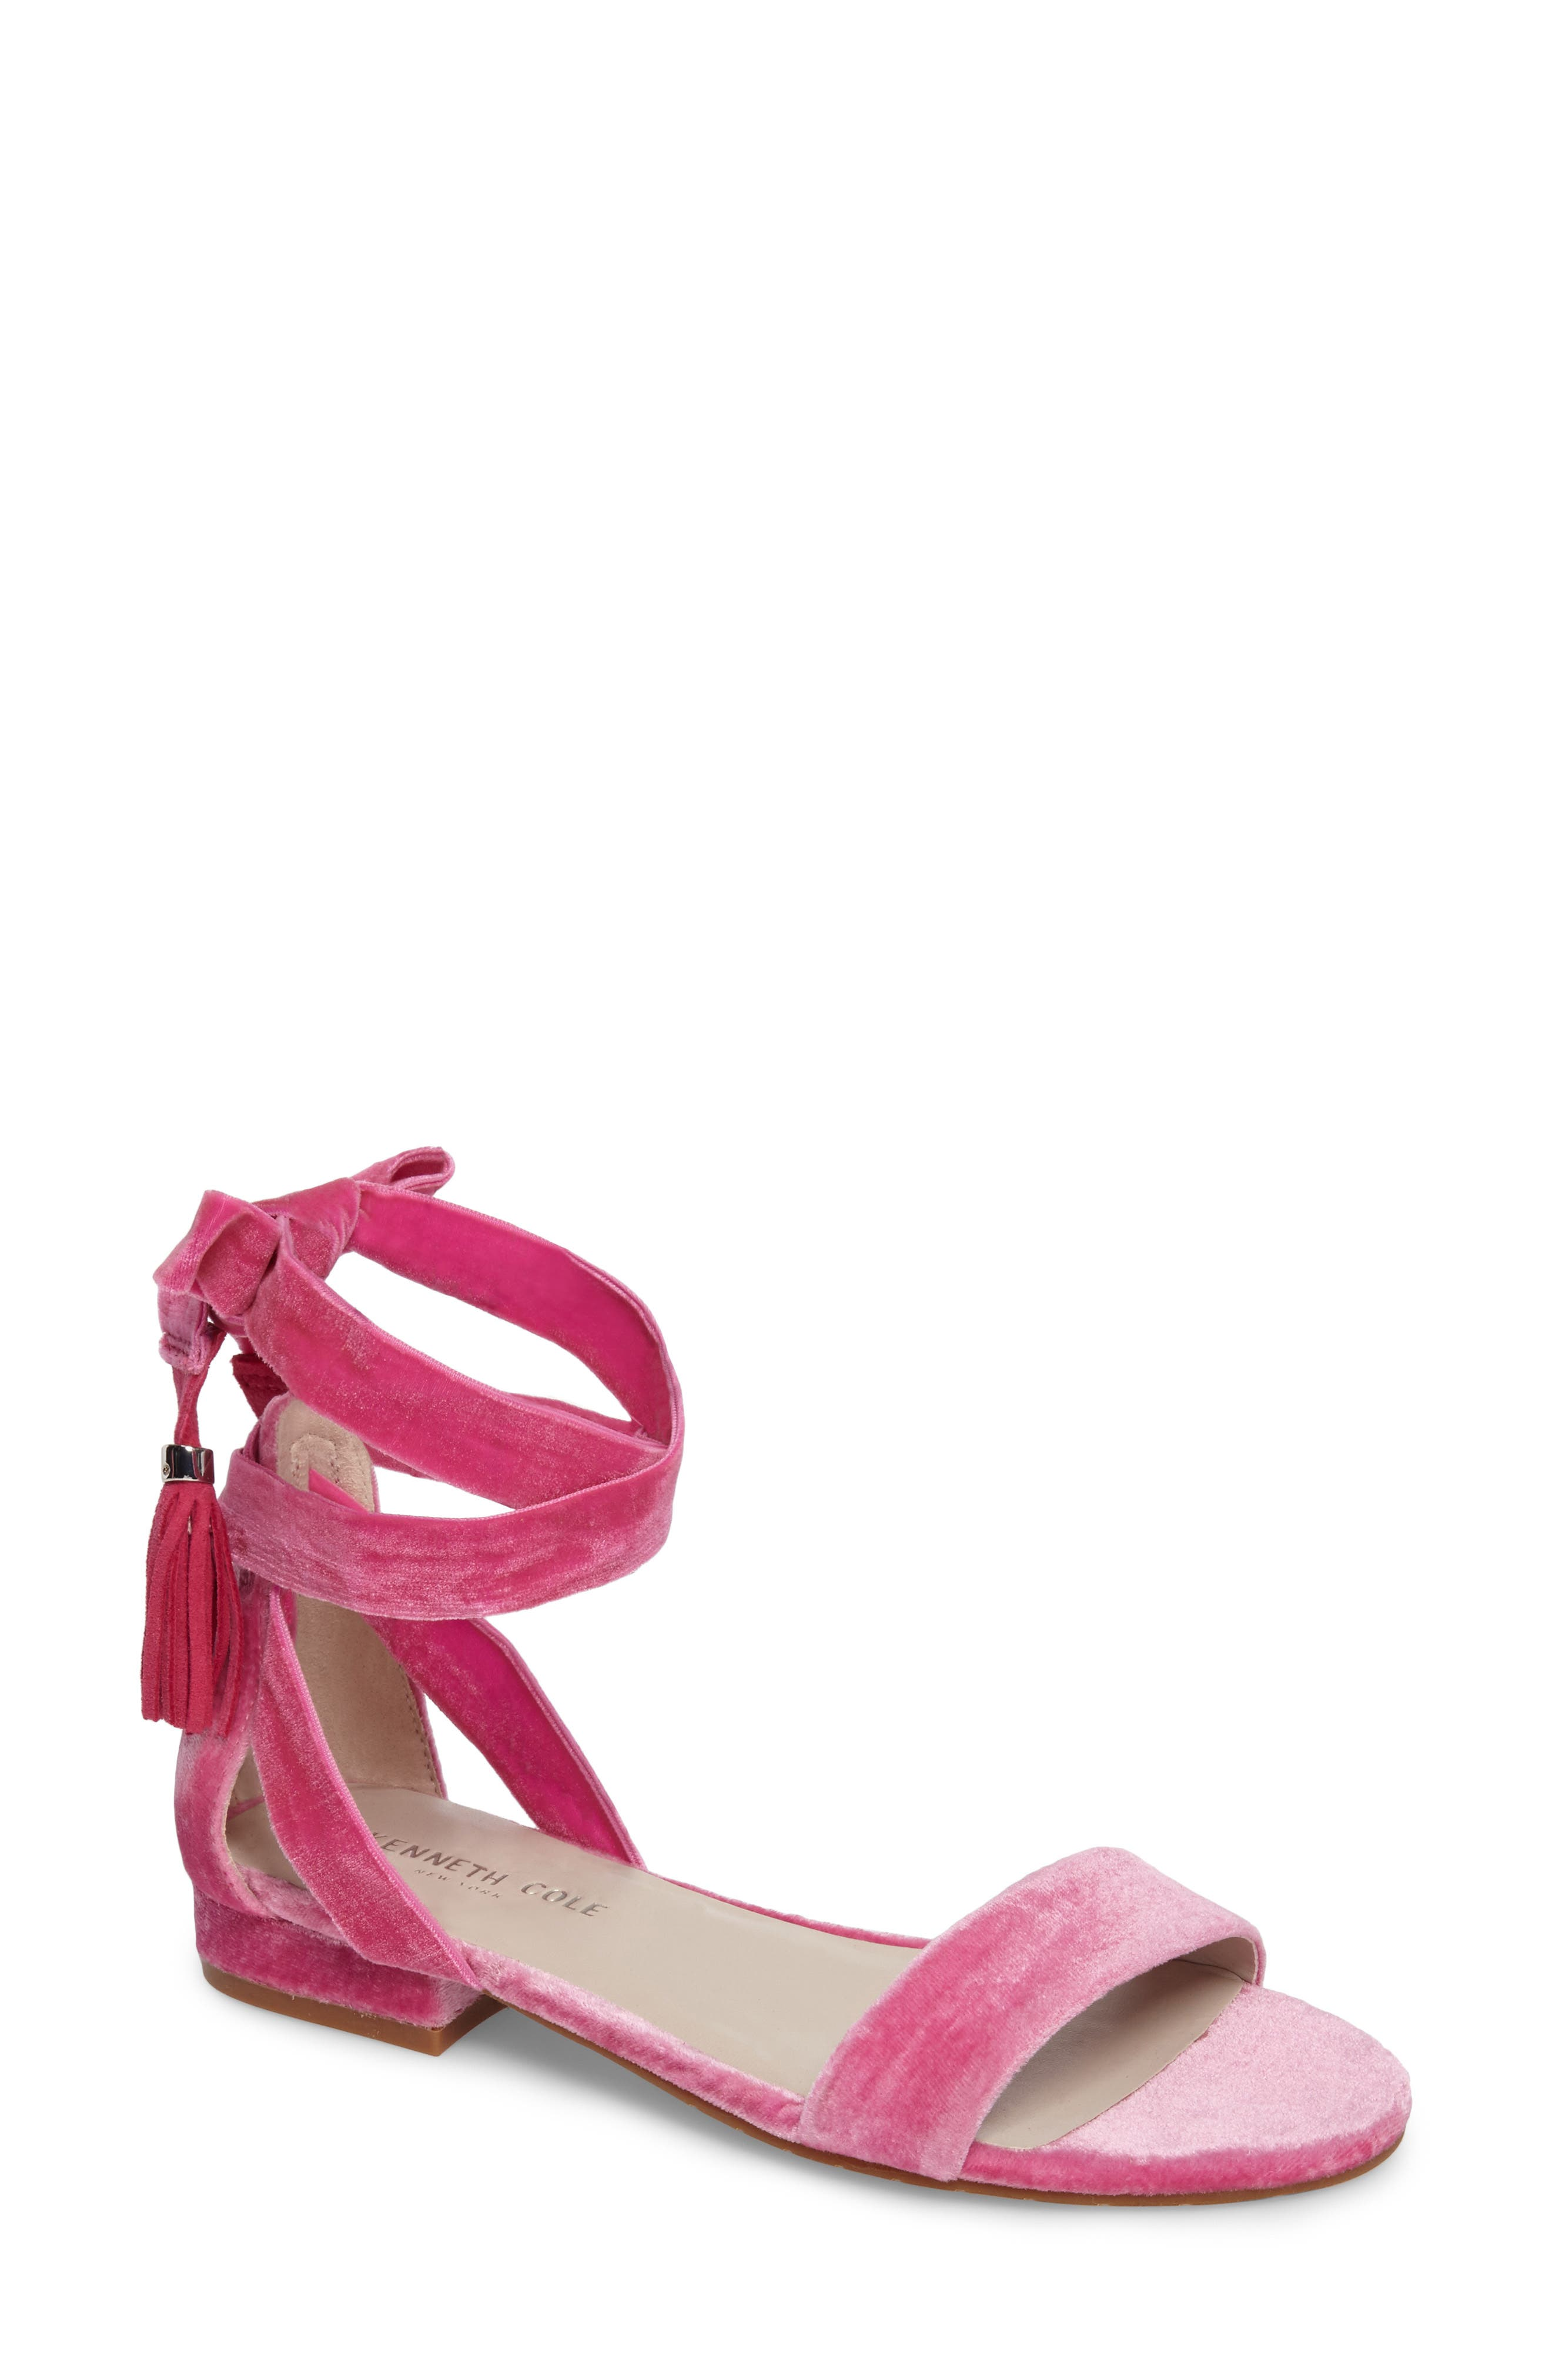 Valen Tassel Lace-Up Sandal,                             Main thumbnail 1, color,                             FUCHSIA VELVET